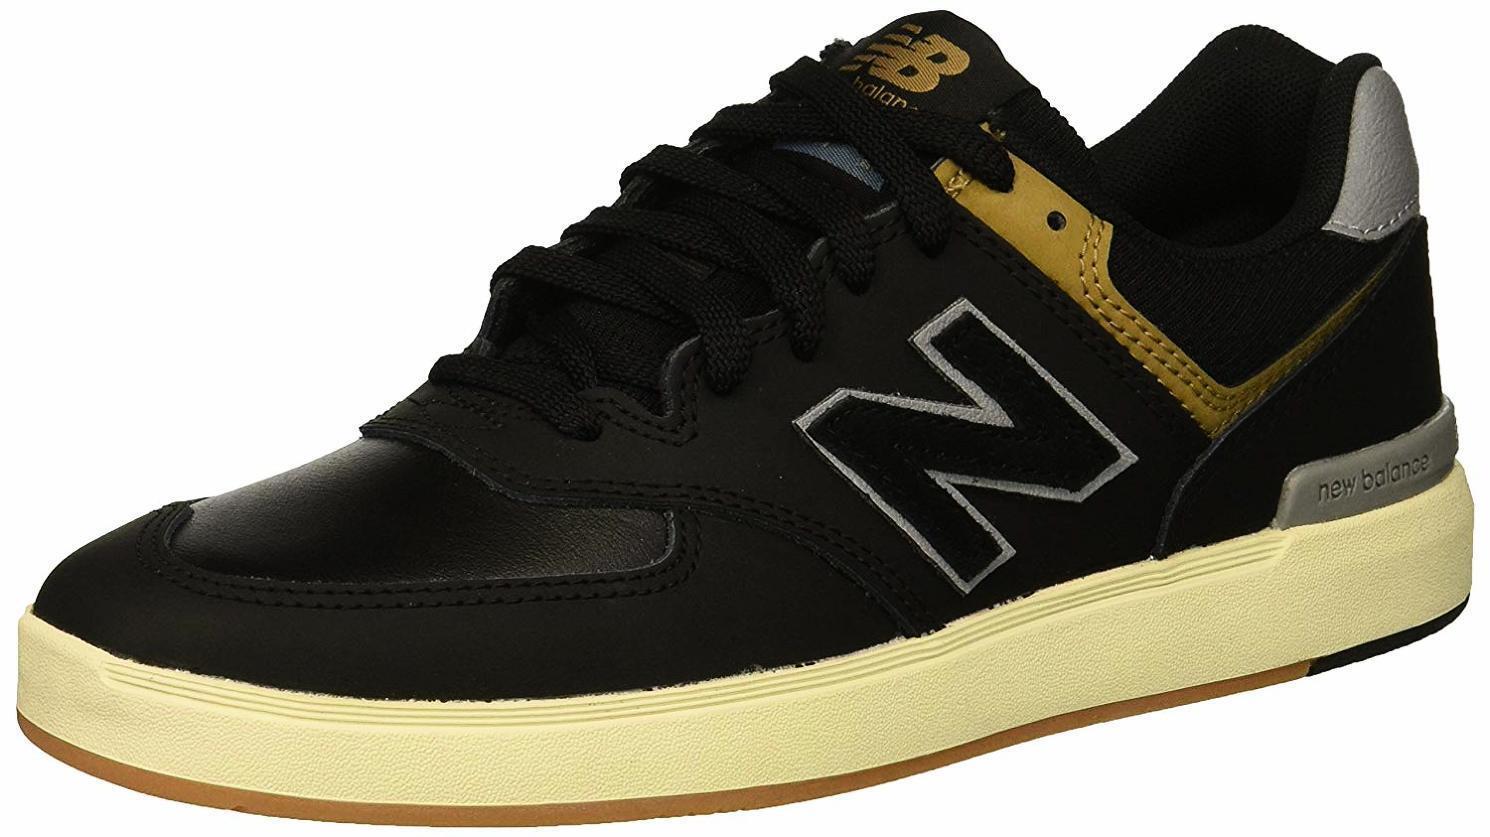 New Balance Uomo 574v1 All Coast Skate scarpe - - - Choose SZ Coloree 9209e2